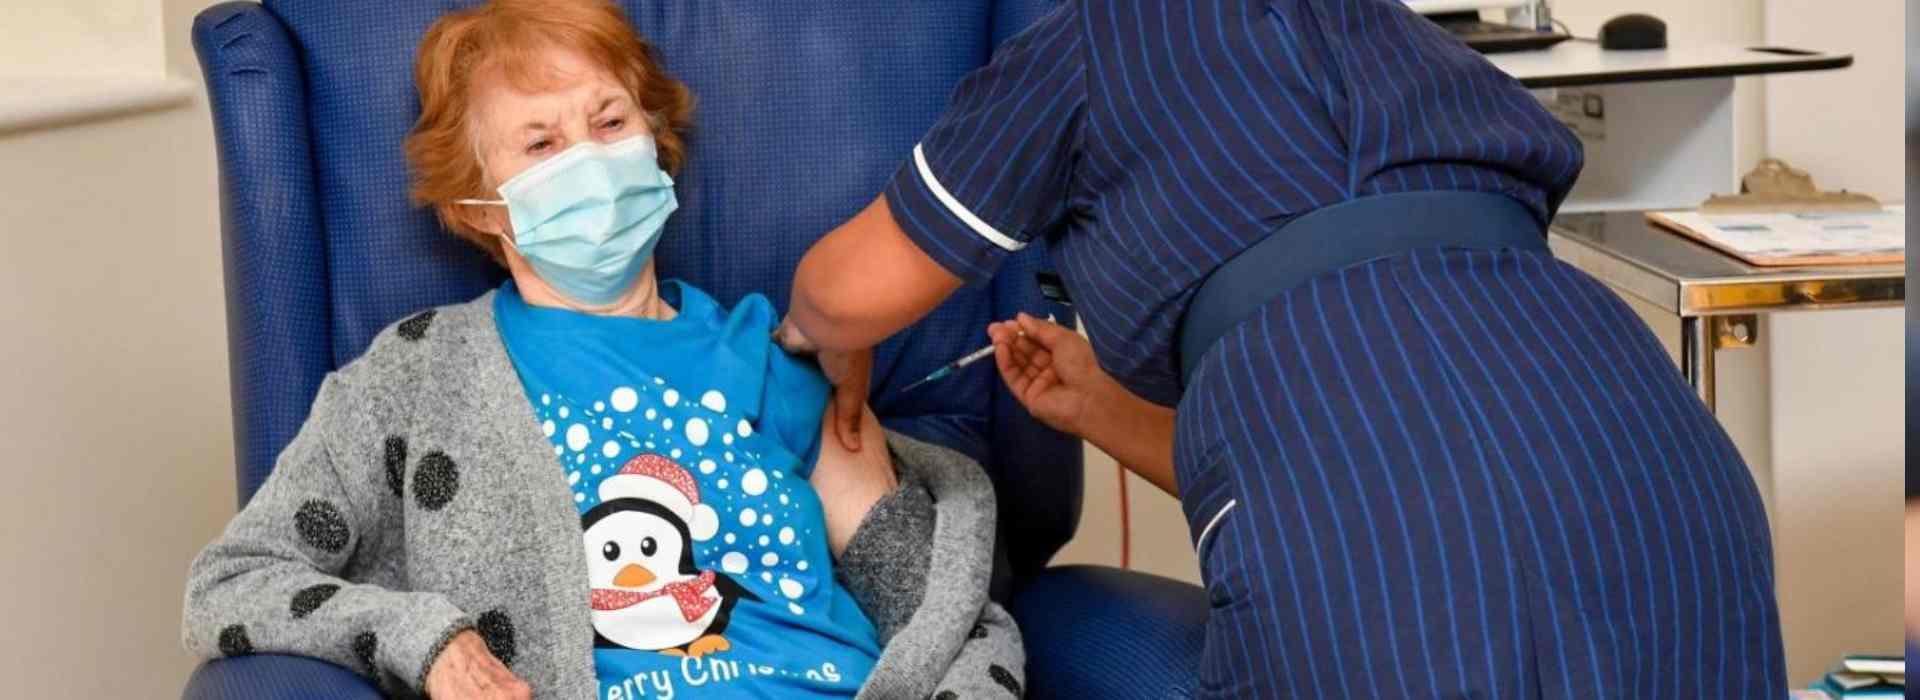 Covid, in Gran Bretagna la prima persona vaccinata: Margaret Keenan